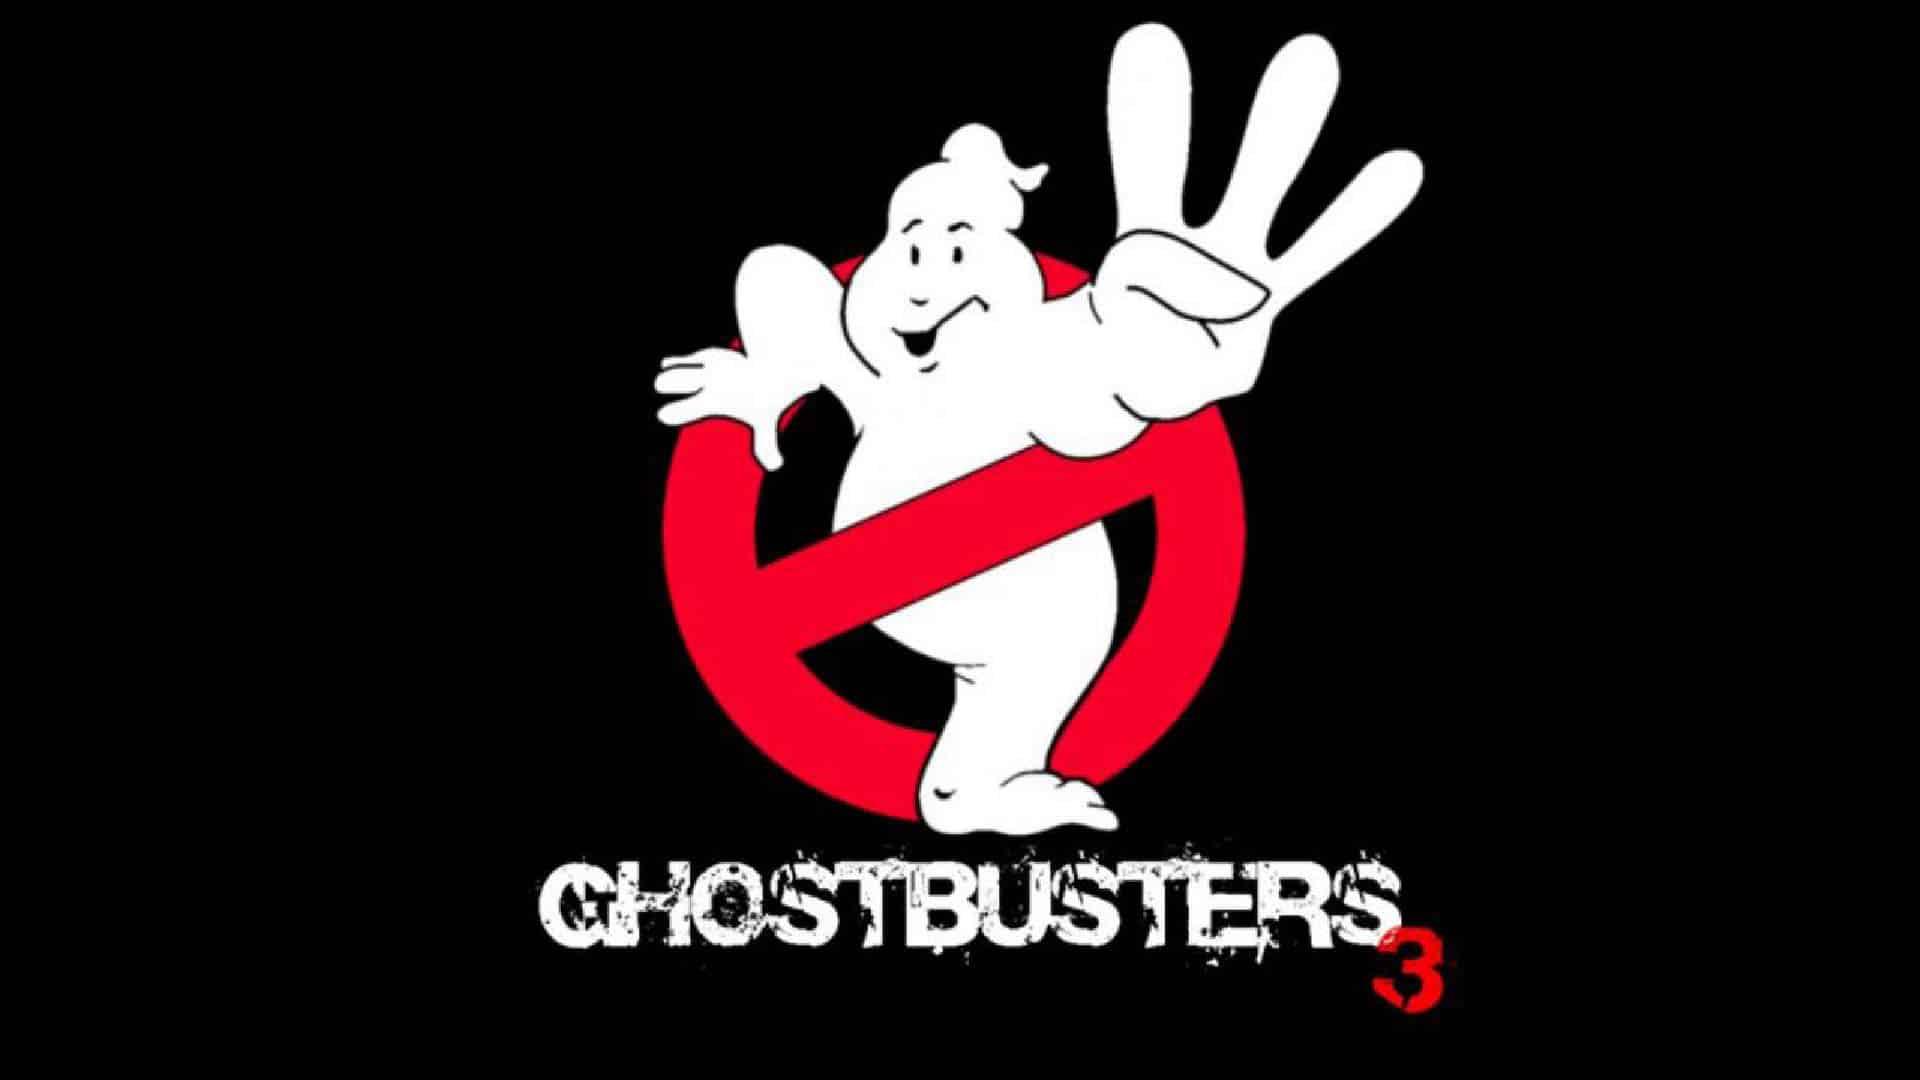 Ghostbusters 3 aggiunge due attori al suo cast thumbnail